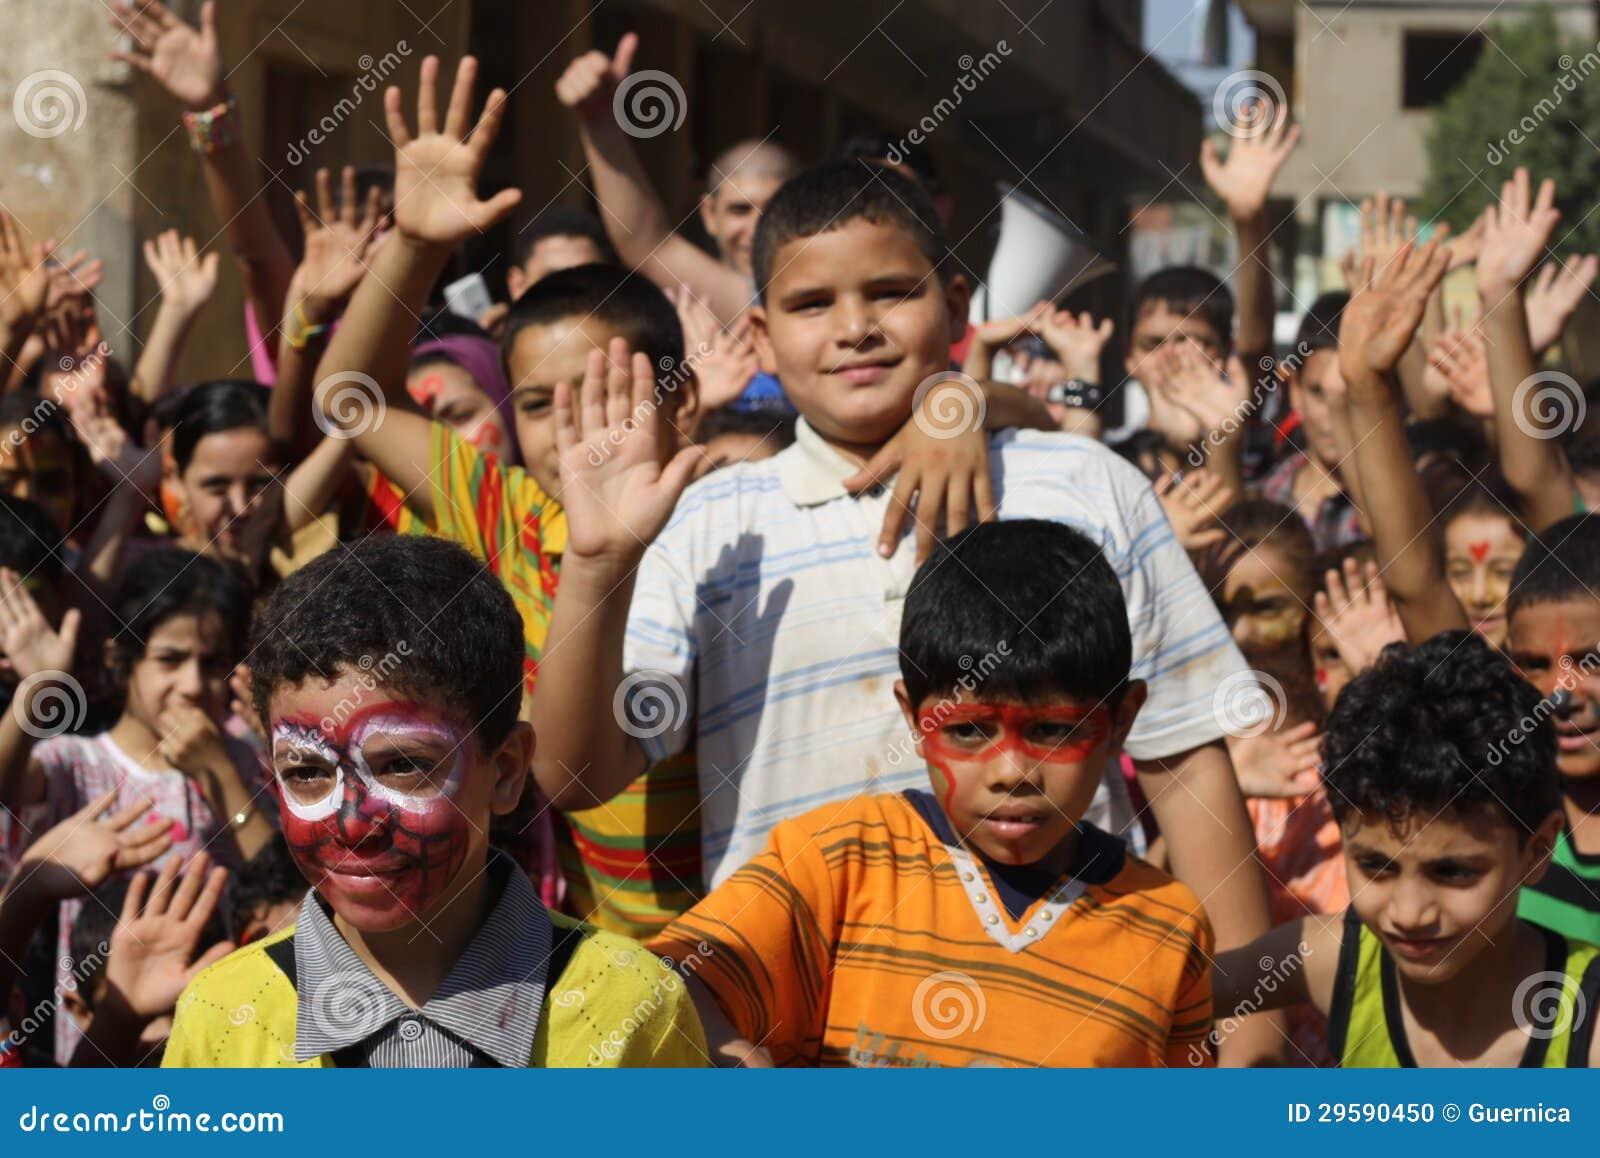 Enfants égyptiens heureux jouant à l événement de charité à Gizeh, Egypte